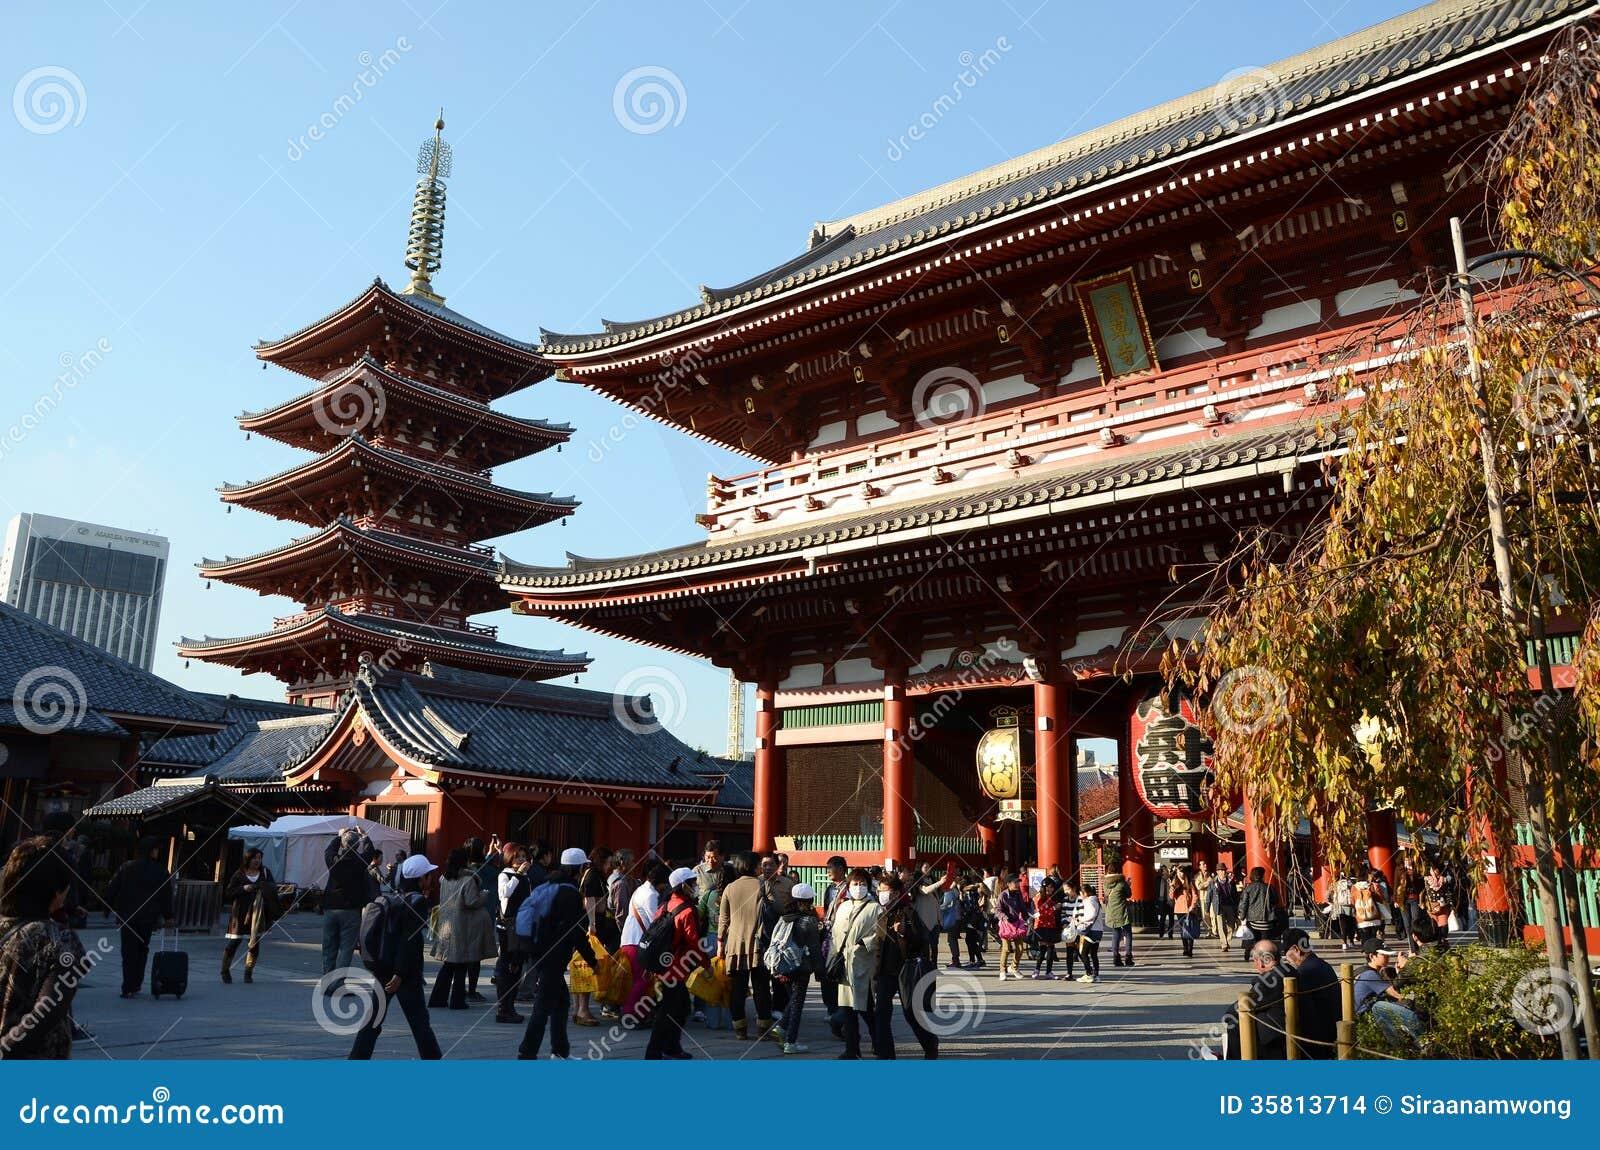 TOKYO, GIAPPONE - 21 NOVEMBRE: Il tempio buddista Senso-ji è il simbolo di Asakusa